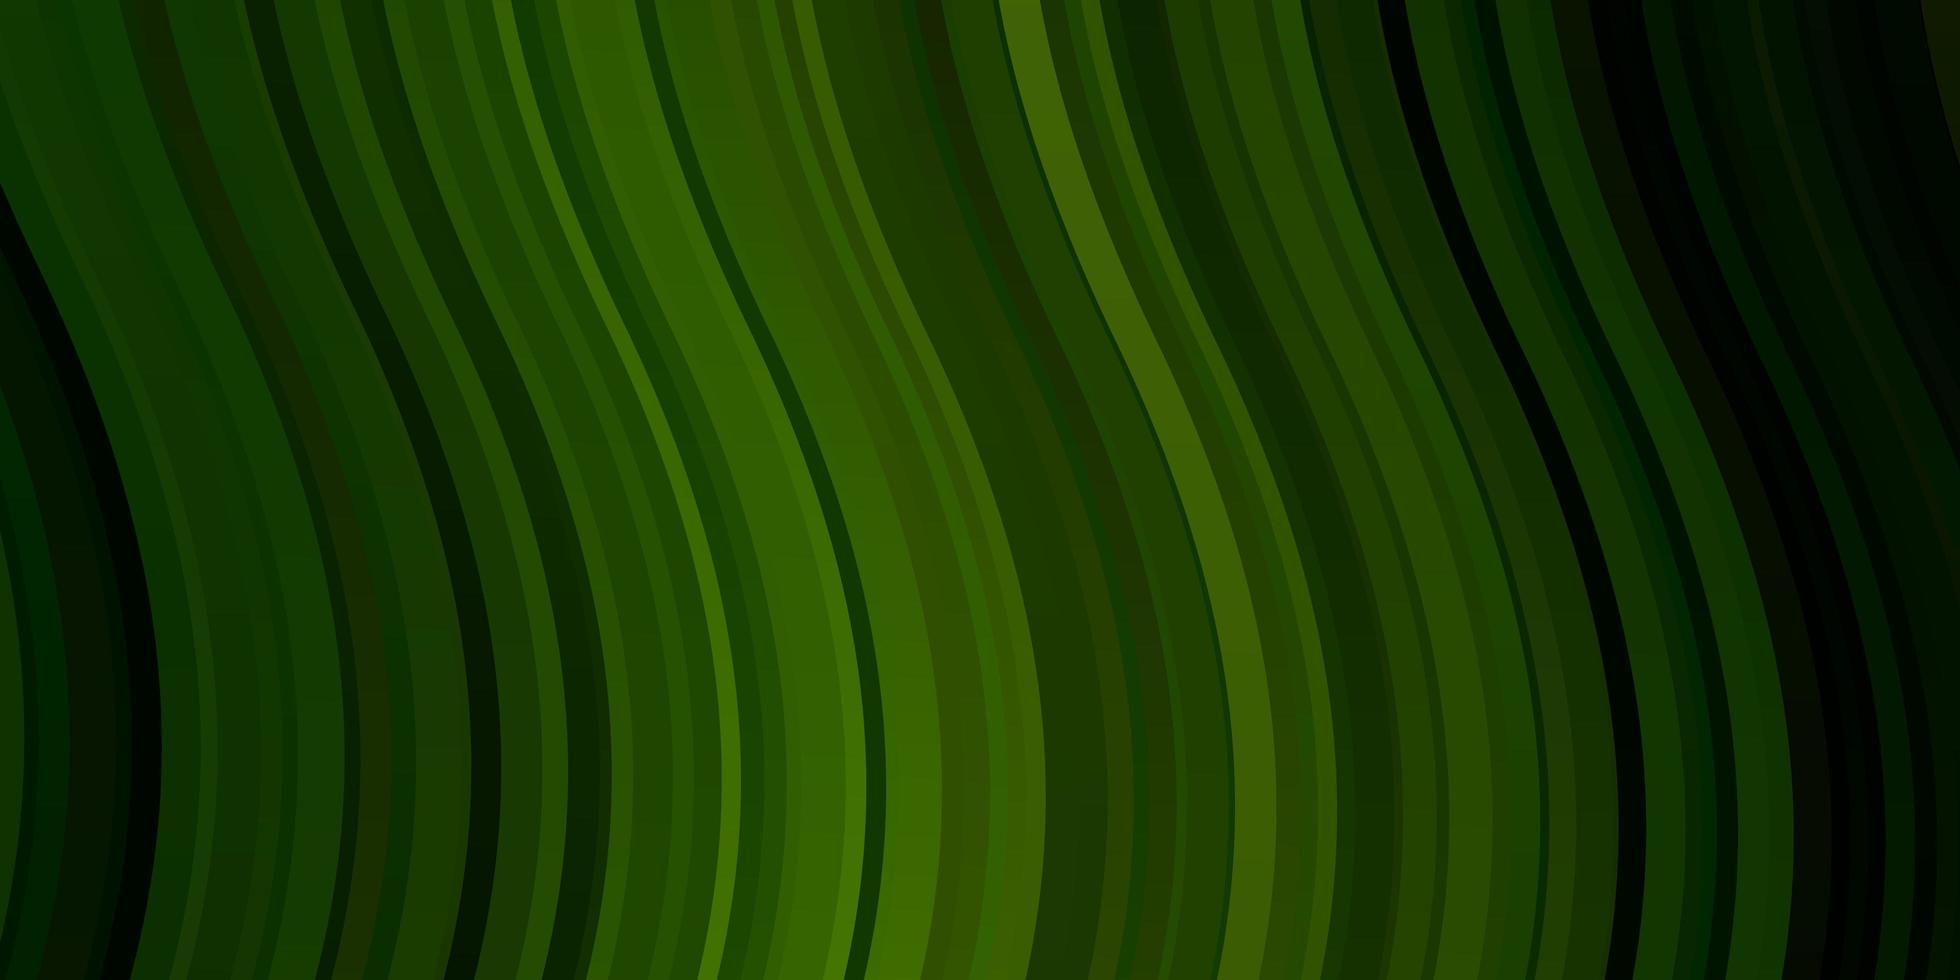 ljusgrön vektormall med böjda linjer. vektor